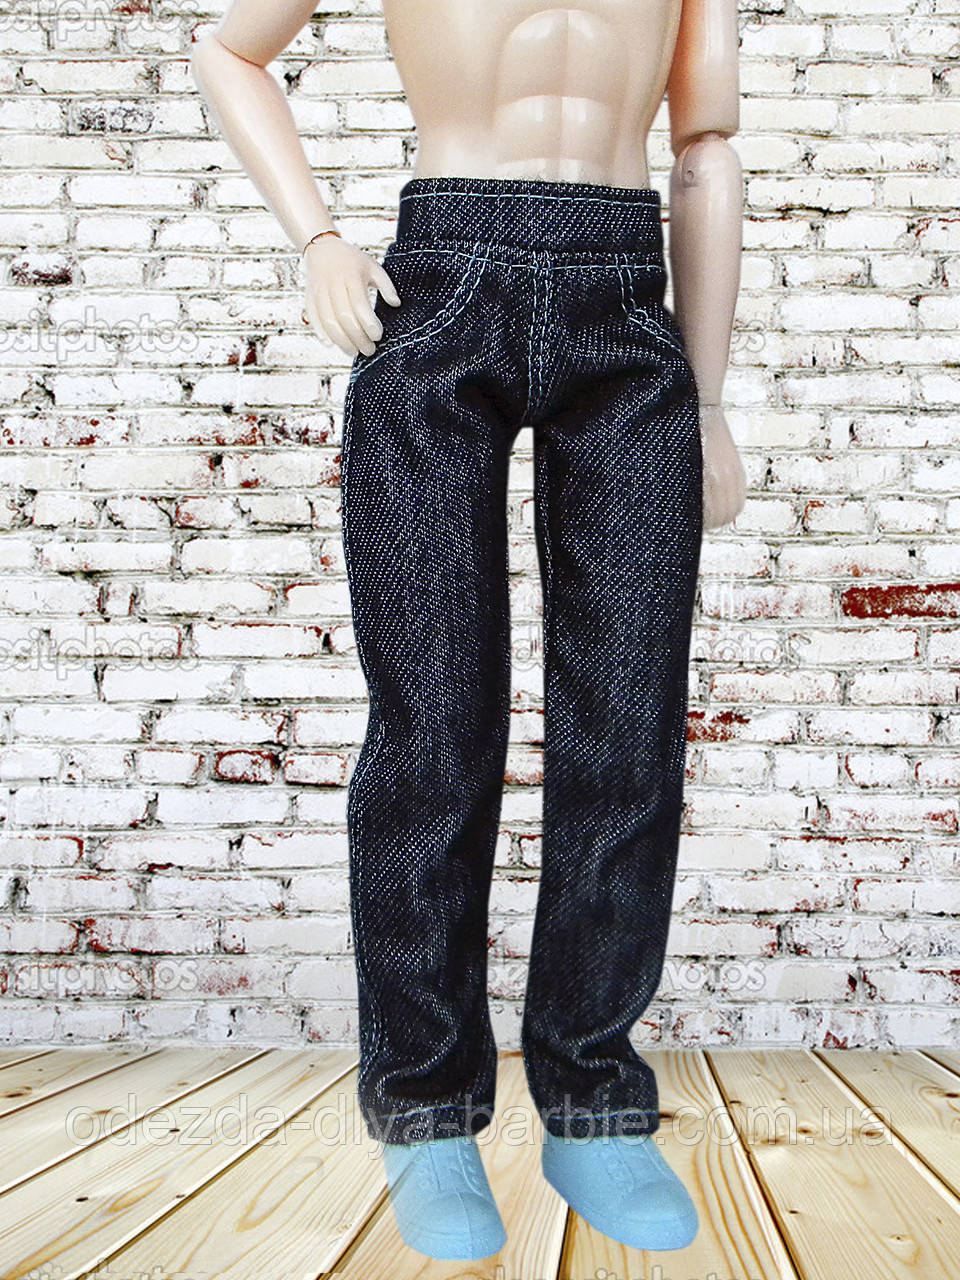 Одежда для Кена - джинсы